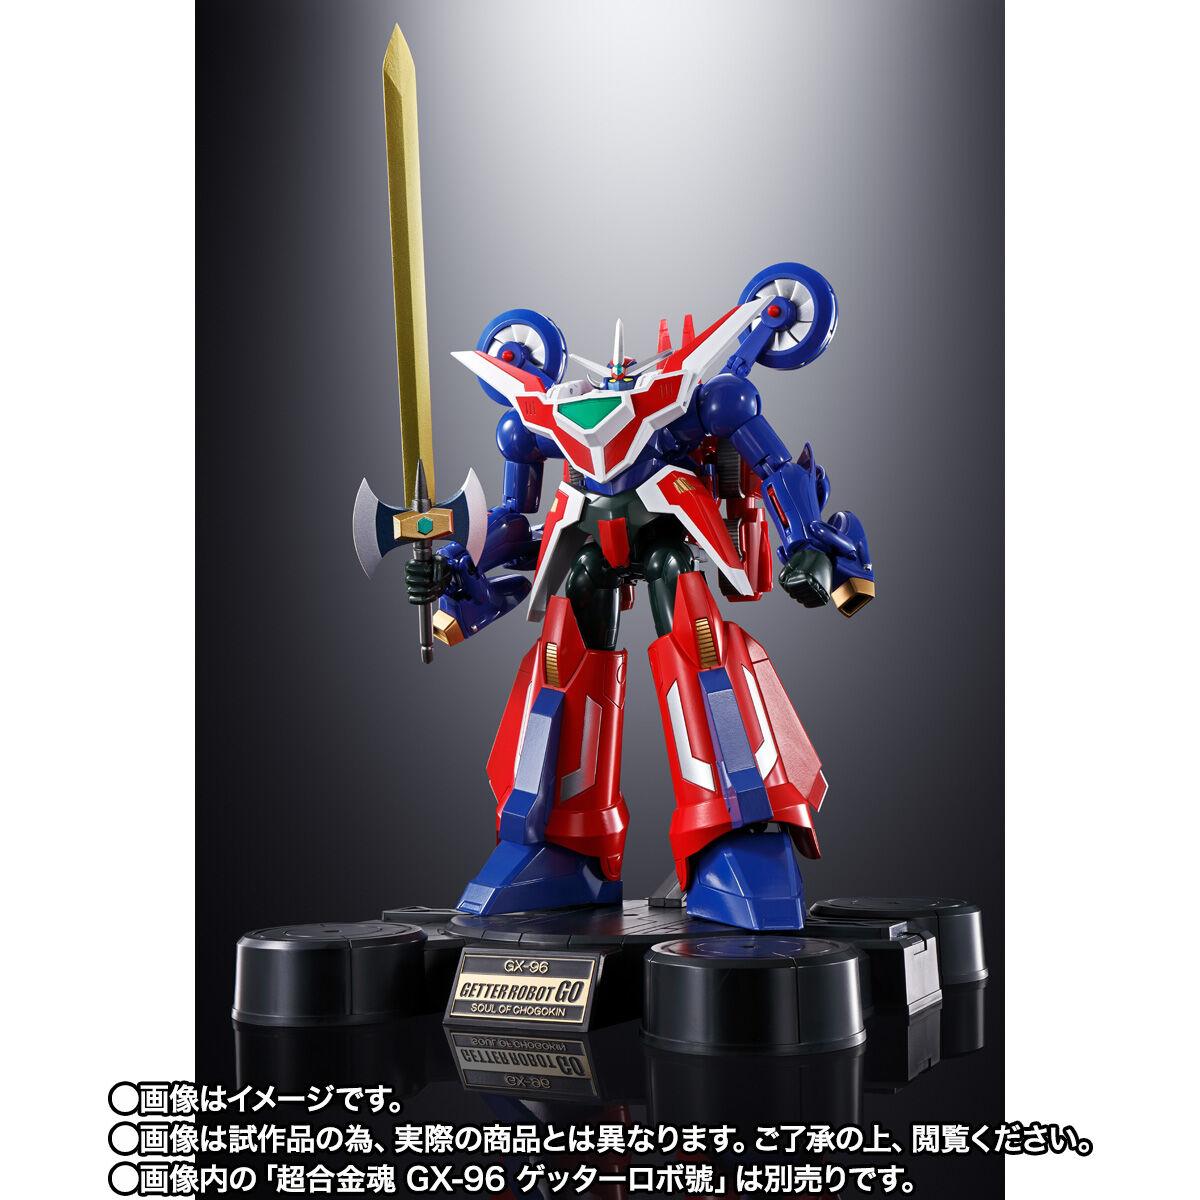 【限定販売】超合金魂『GX-96X Gアームライザー』ゲッターロボ號 可動フィギュア-007